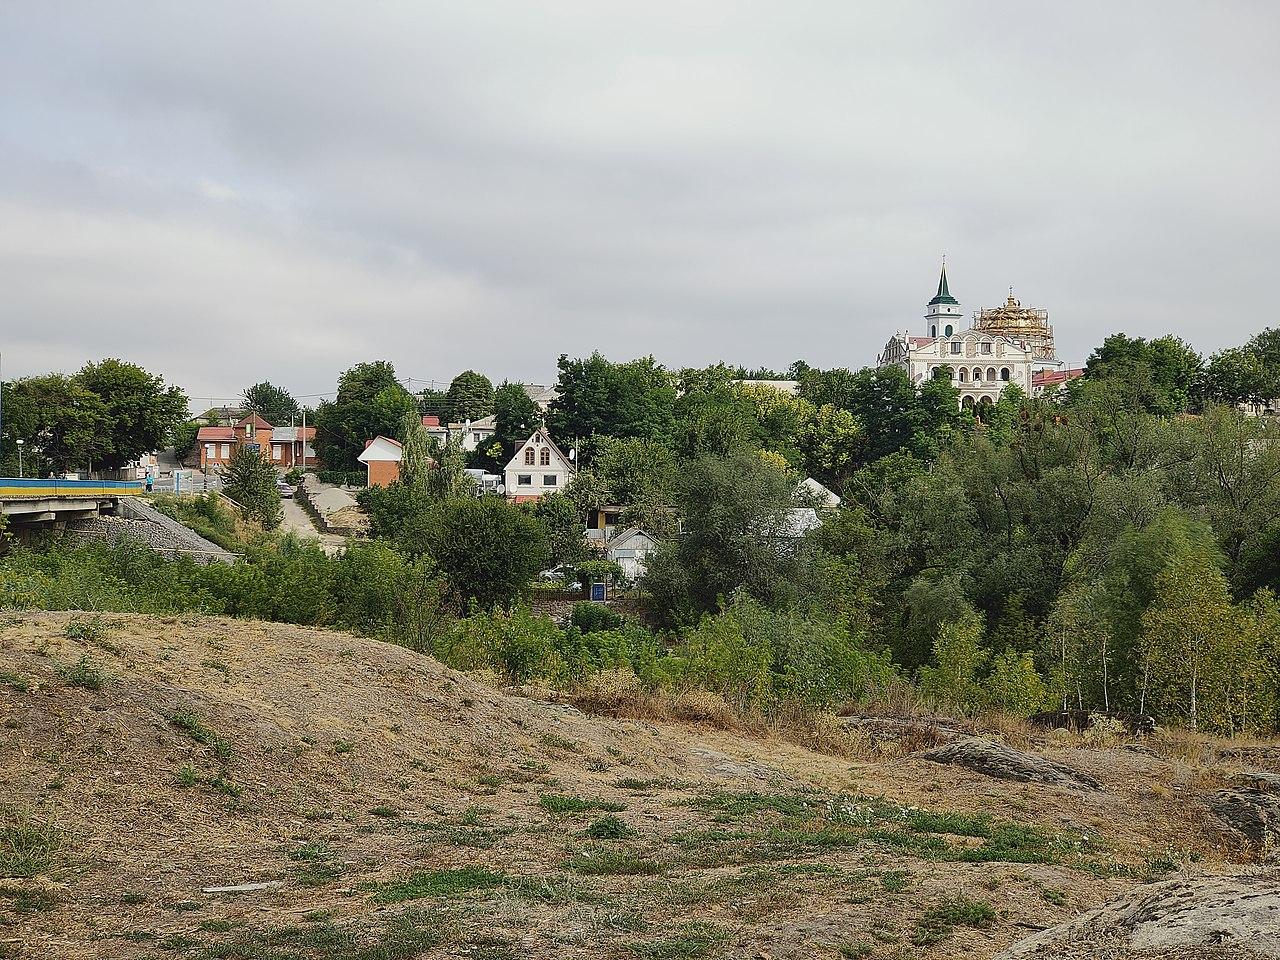 Вид через реку Рось на старый город со стороны ландшафтного парка Богуславль